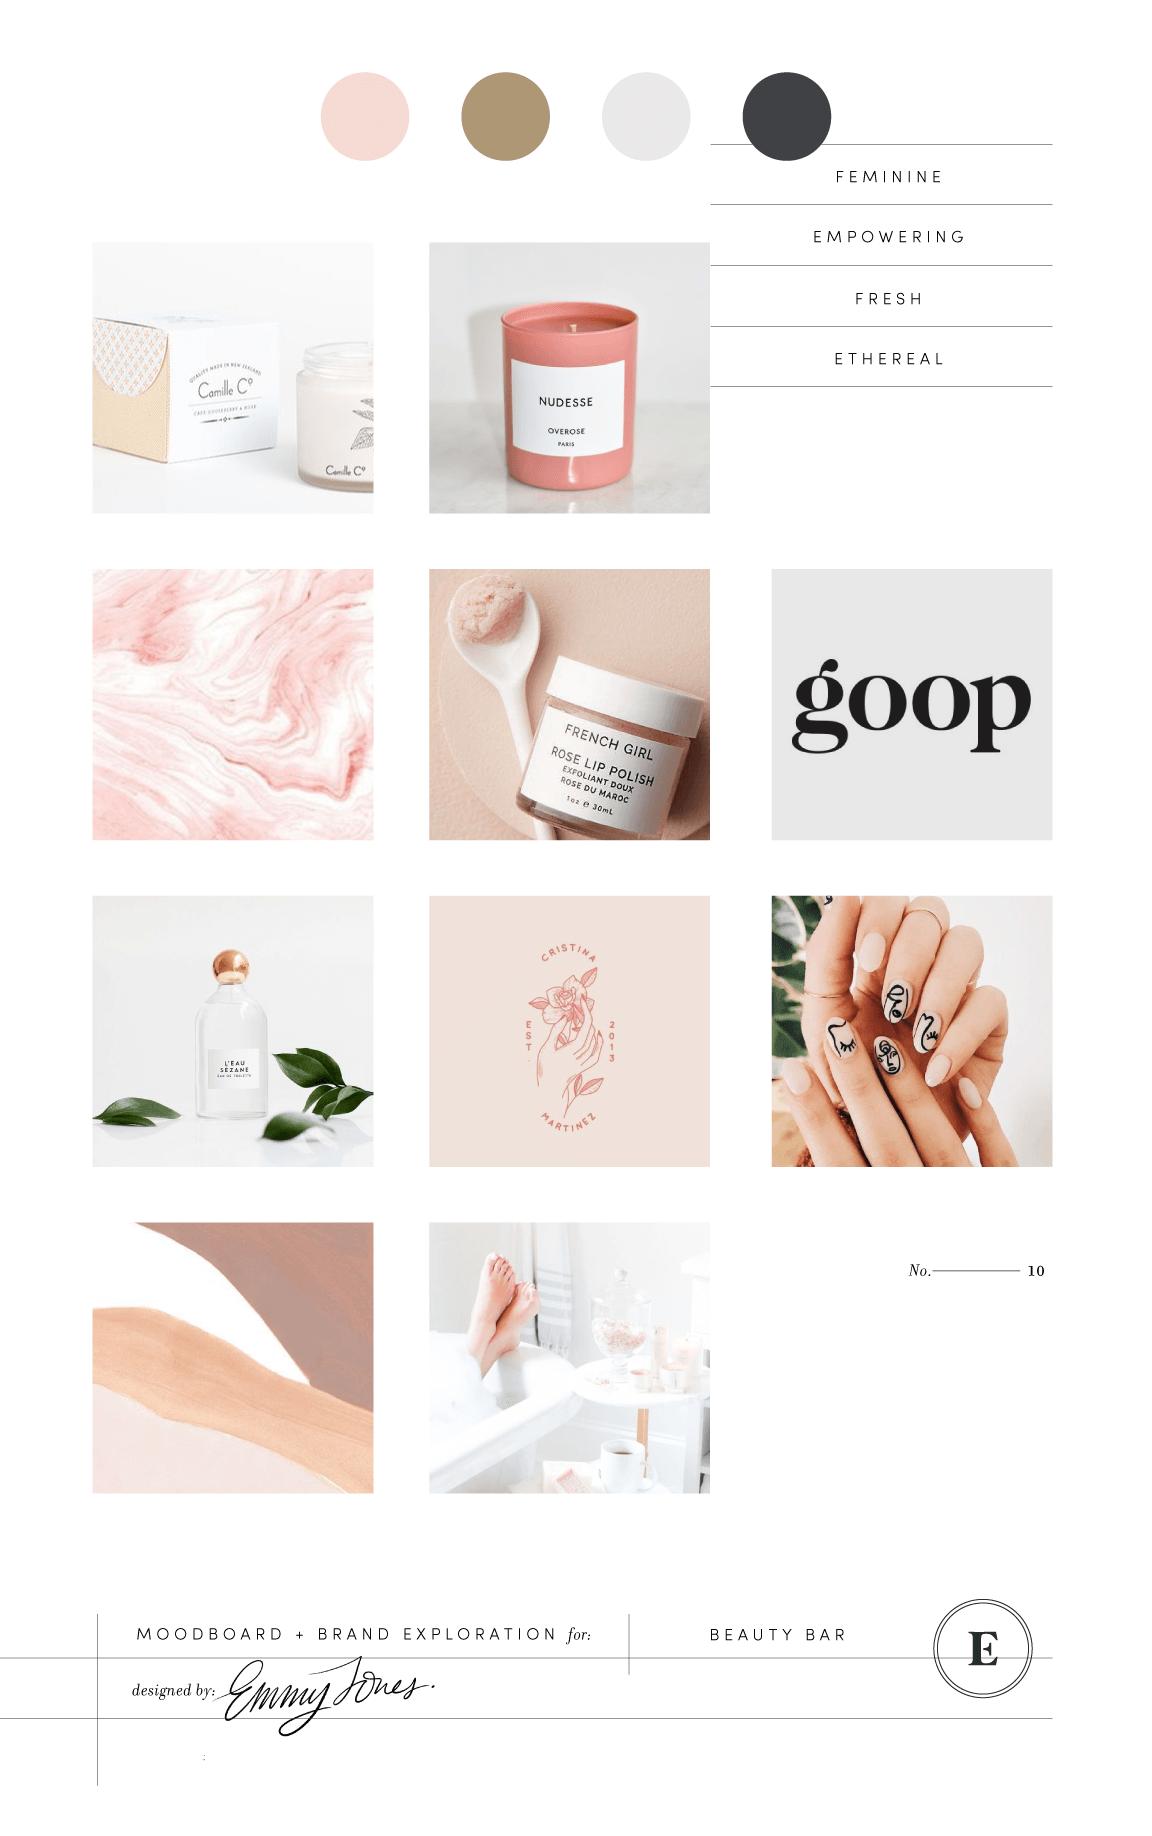 Beauty Bar Branding & Packaging